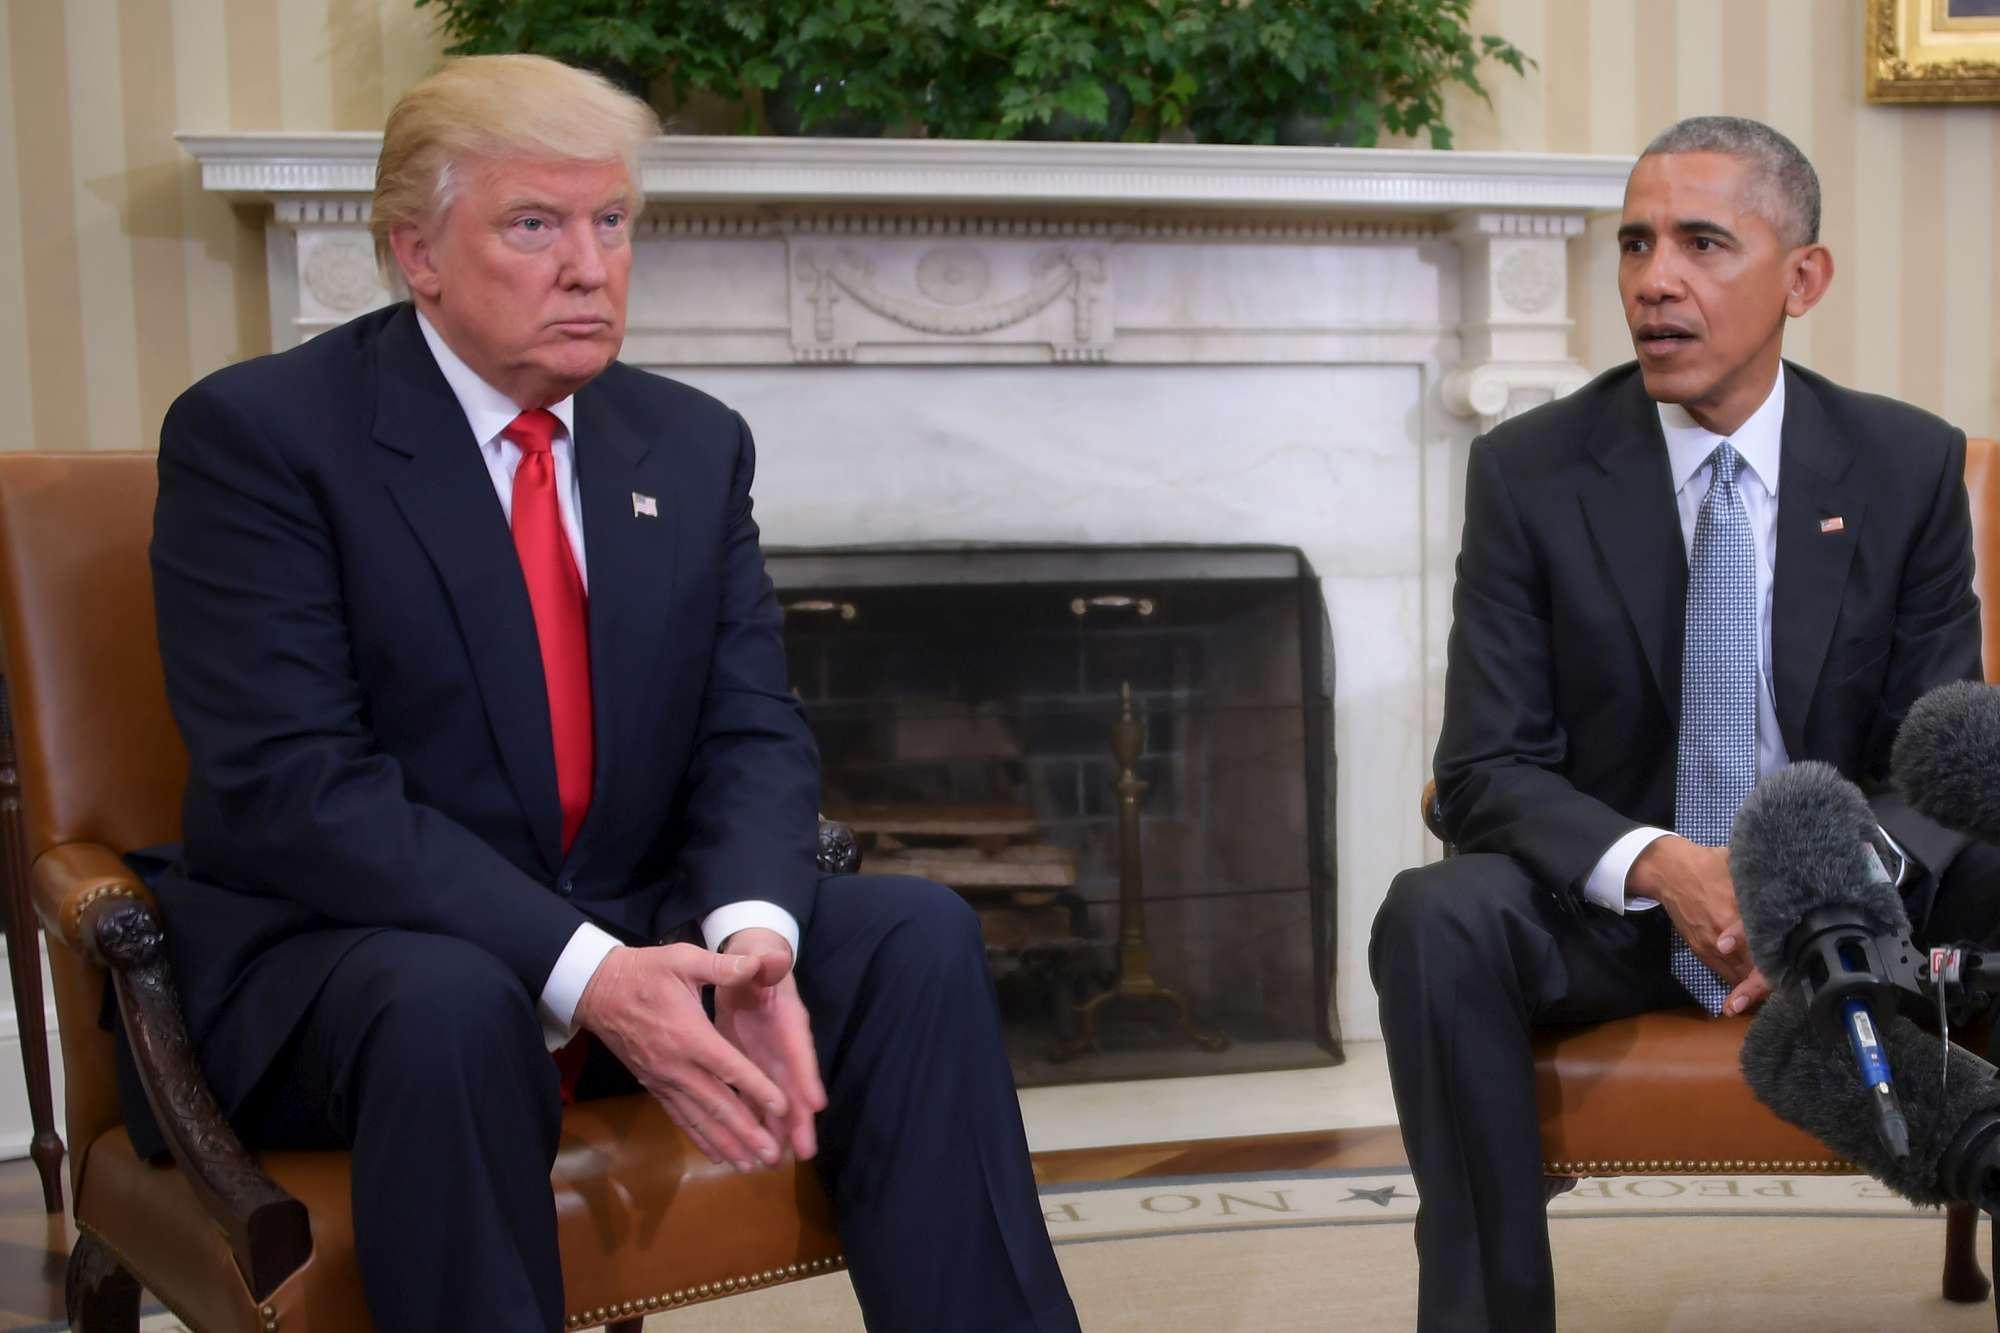 L incontro alla Casa Bianca tra Obama e Trump